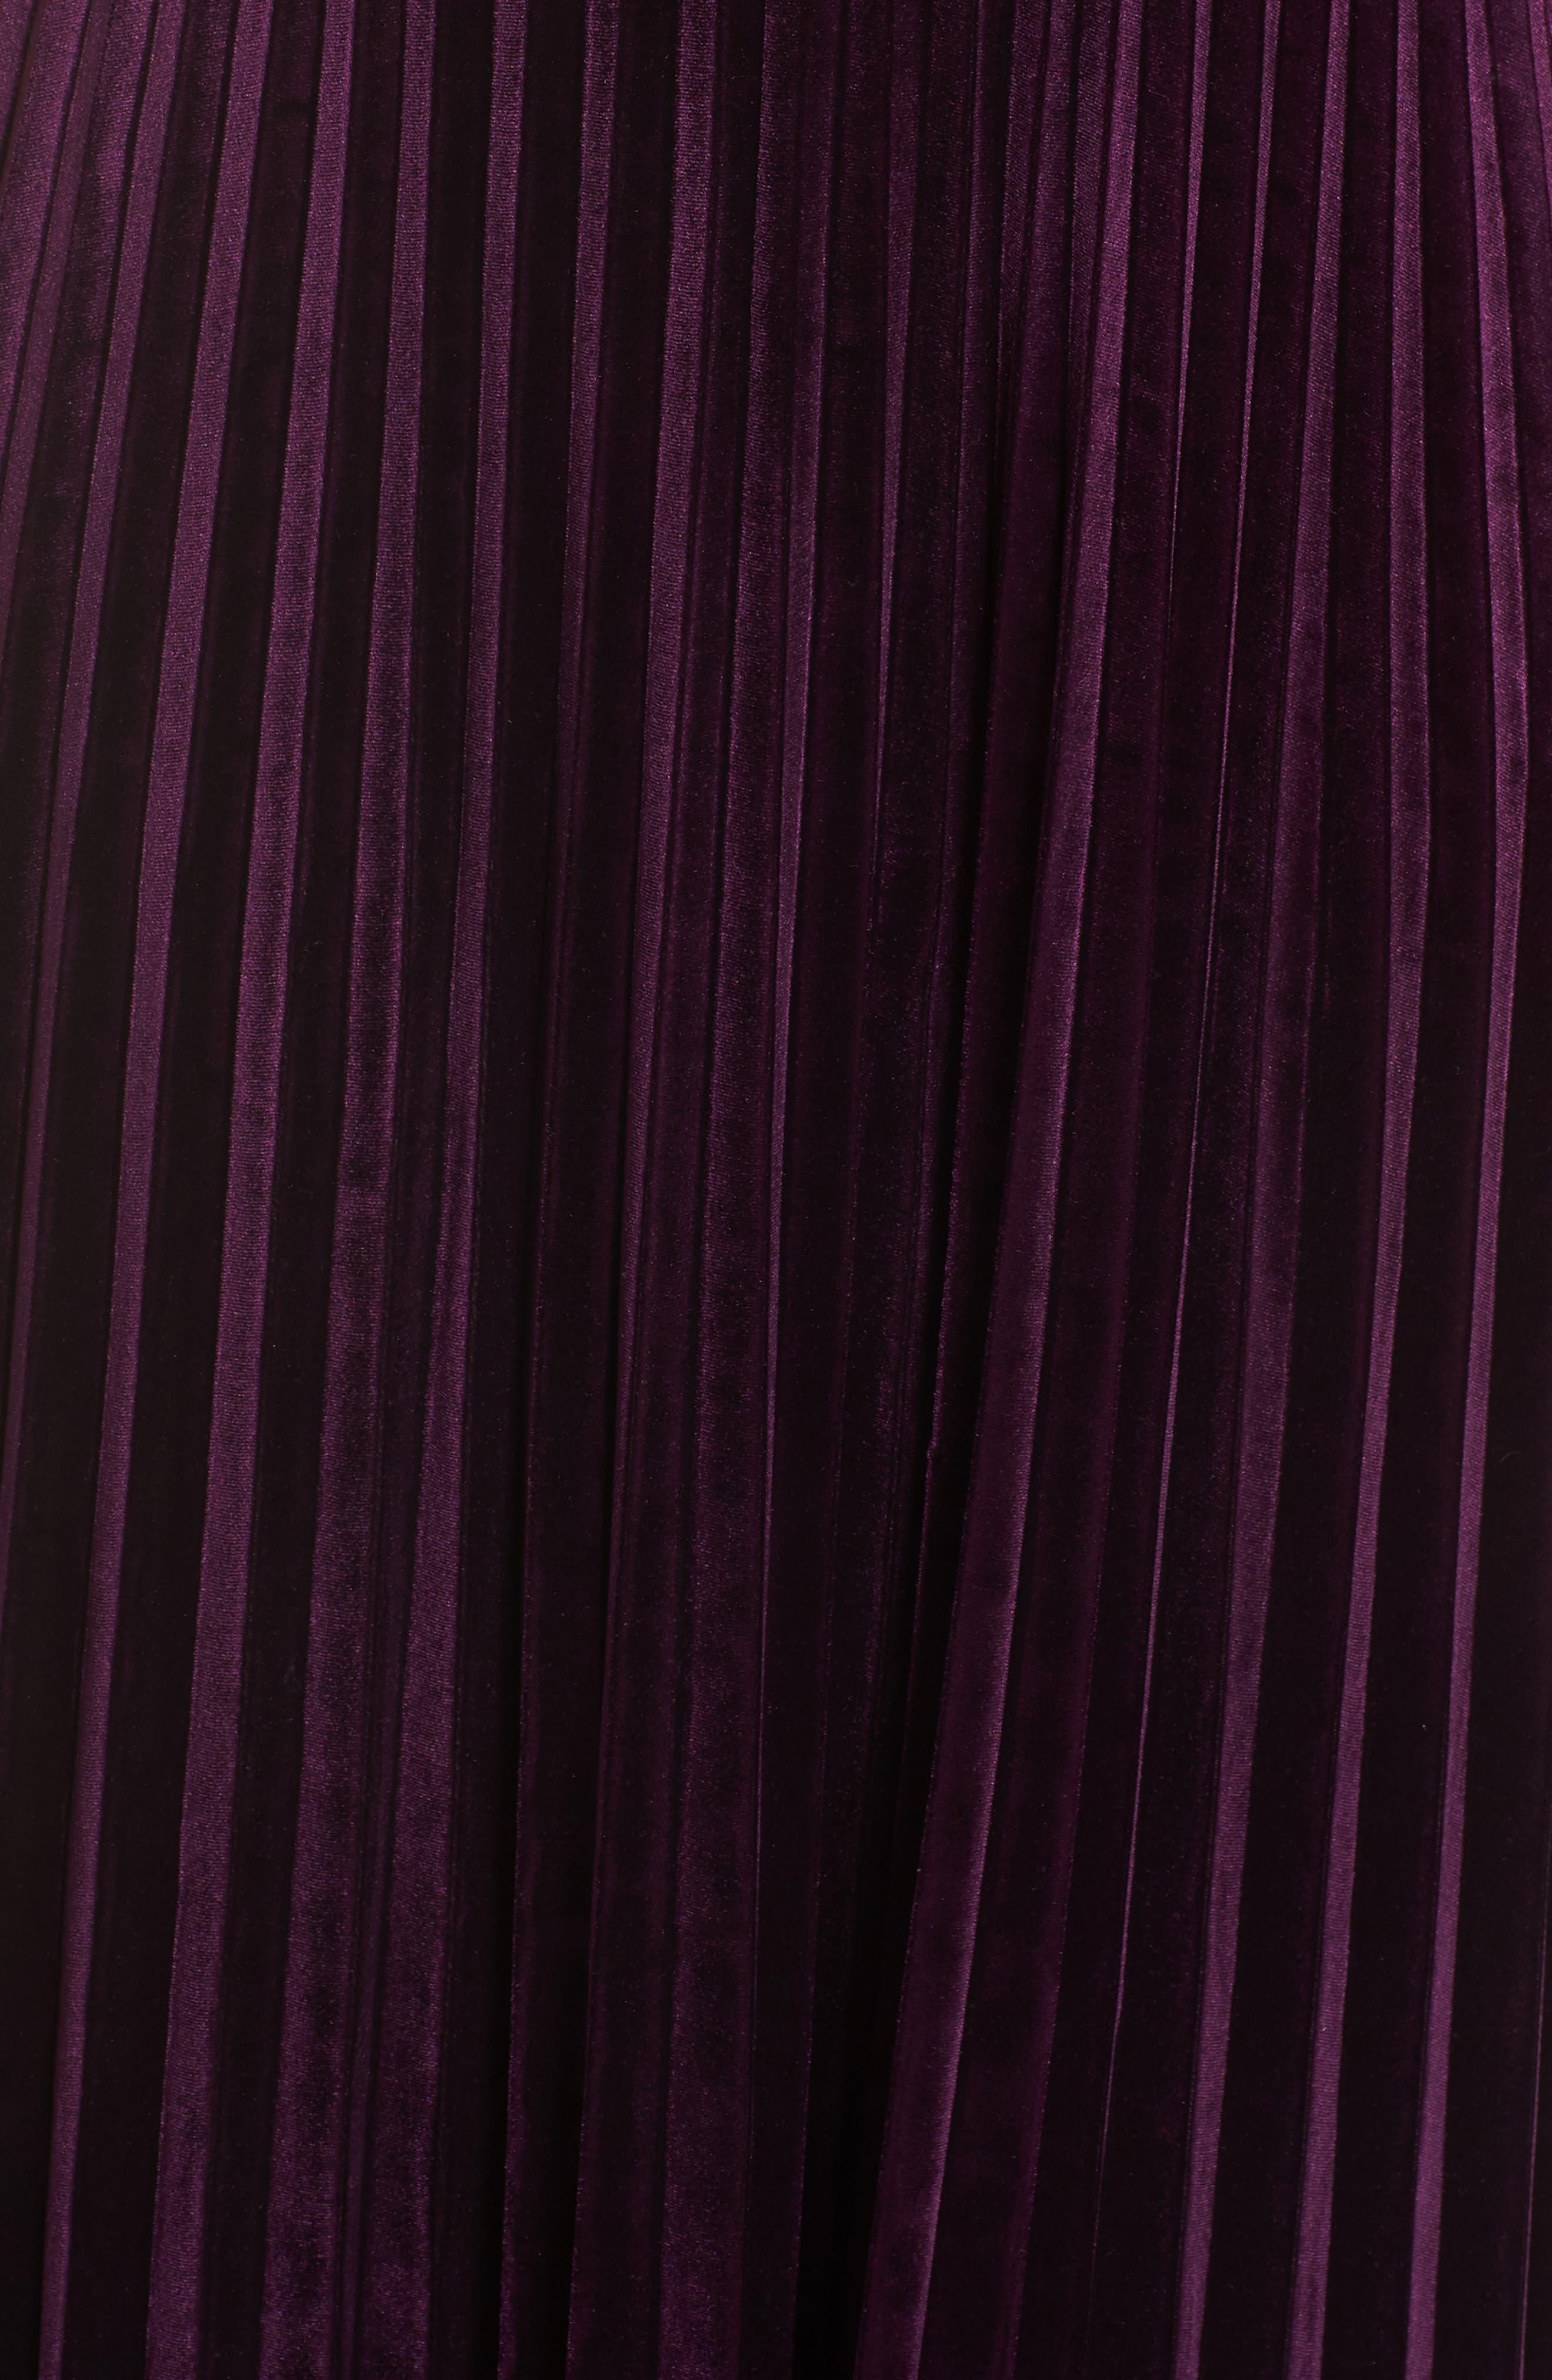 Kimono Pleated Dress,                             Alternate thumbnail 6, color,                             506